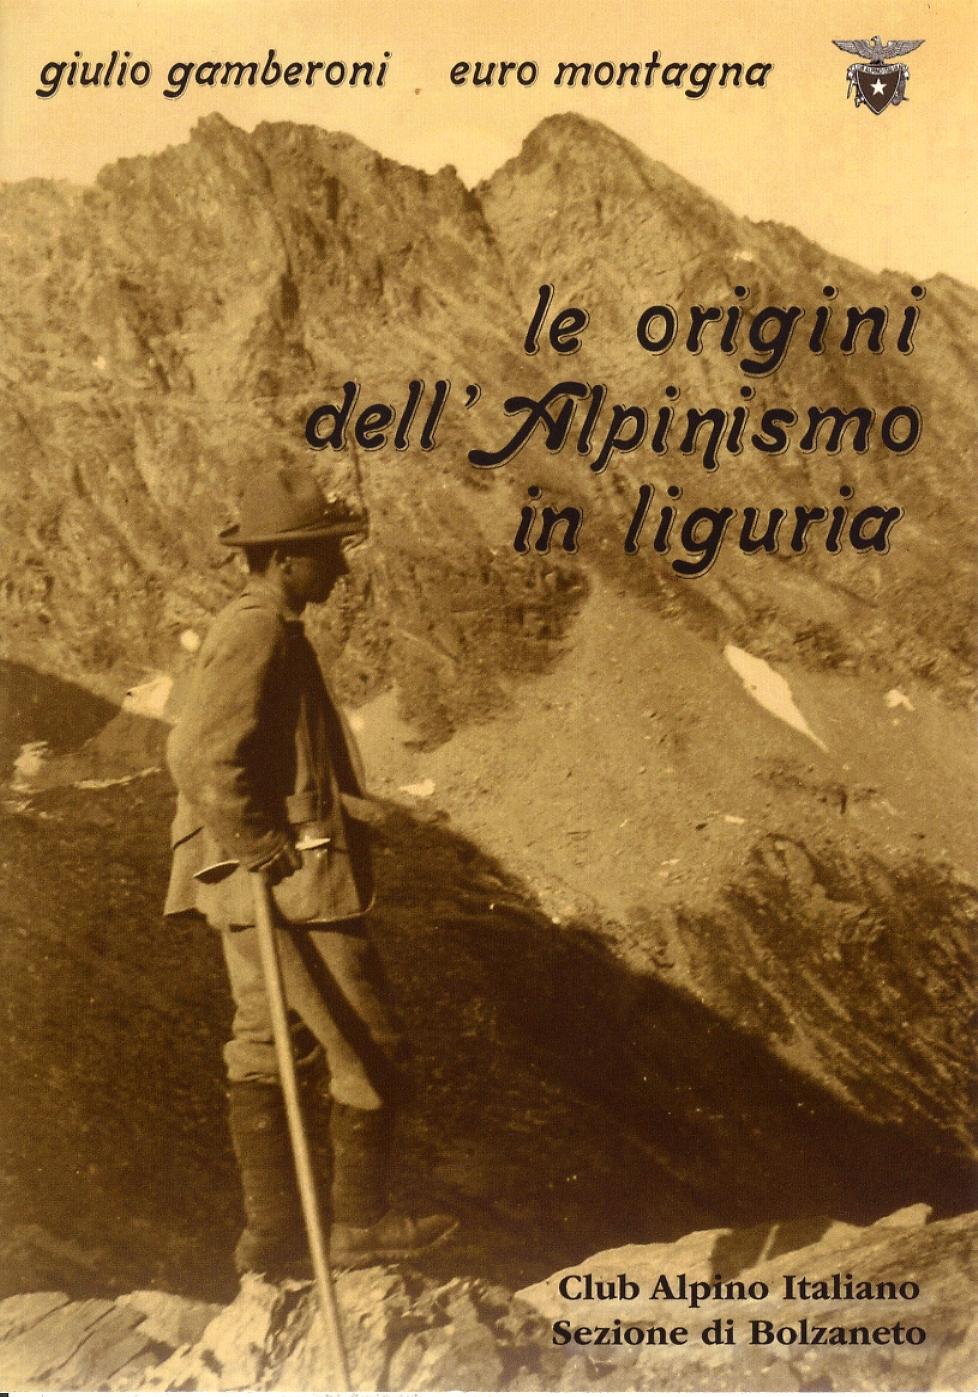 Le origini dell'Alpinismo in Liguria